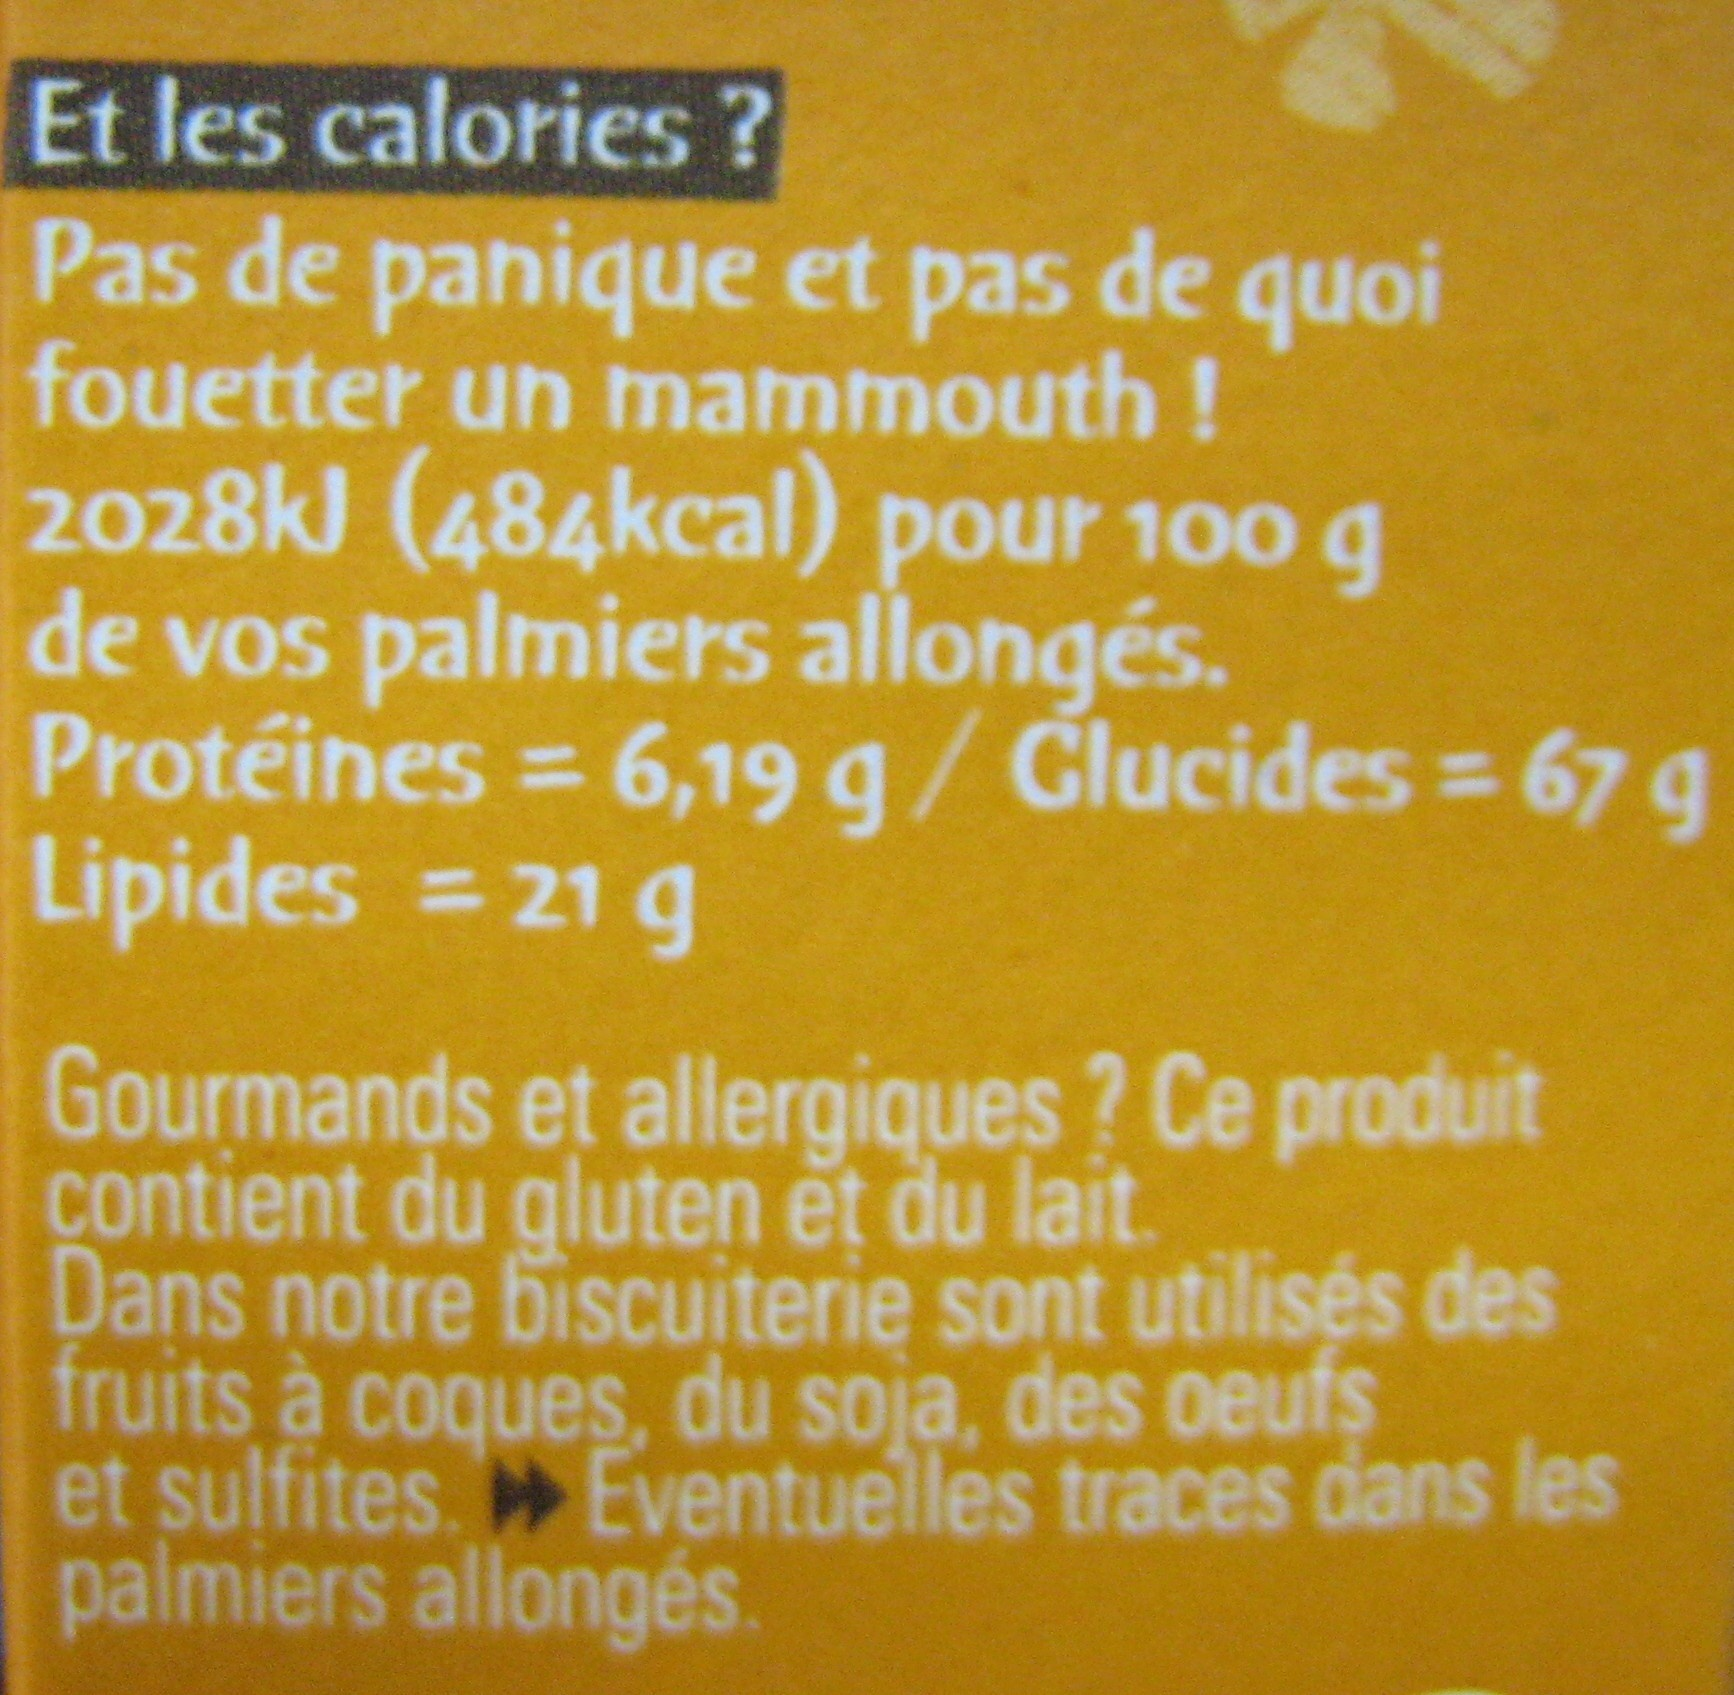 Palmiers allongés au sucre un peu caramélisé Michel et Augustin - Informations nutritionnelles